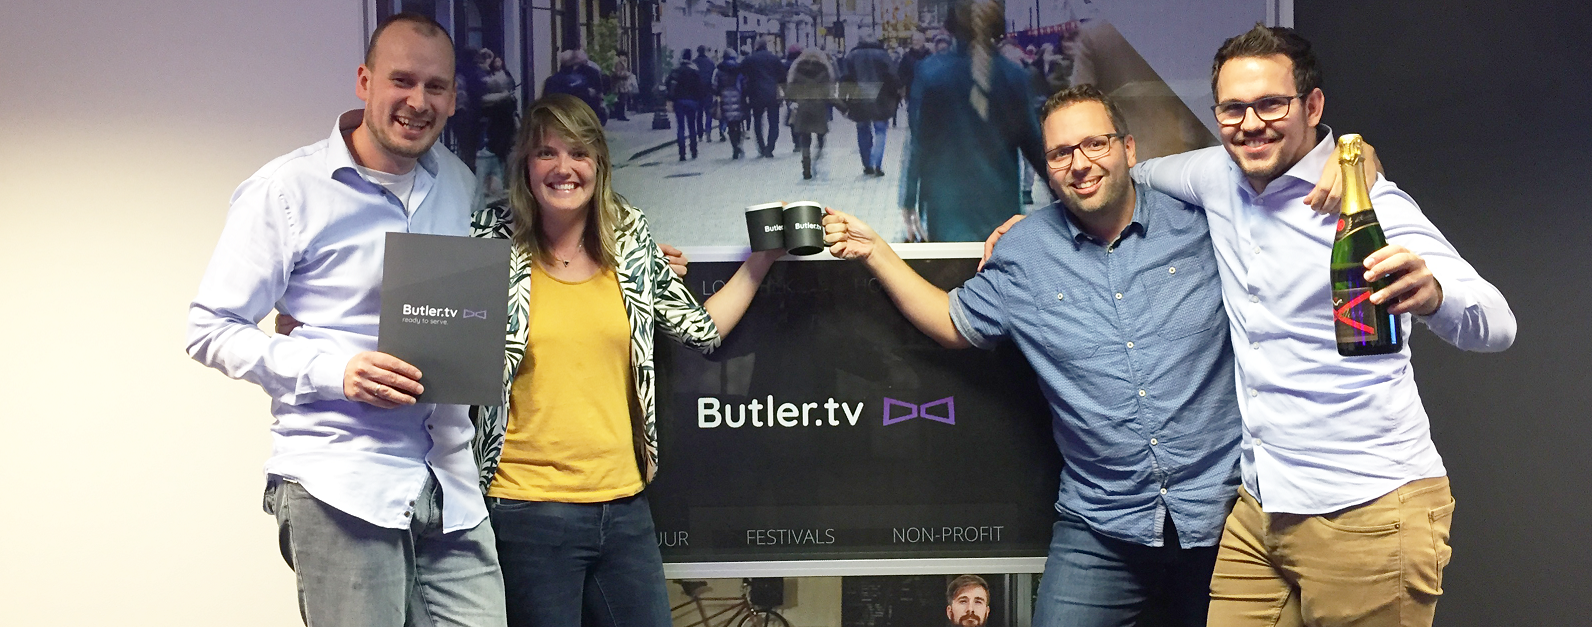 Team Butler.tv